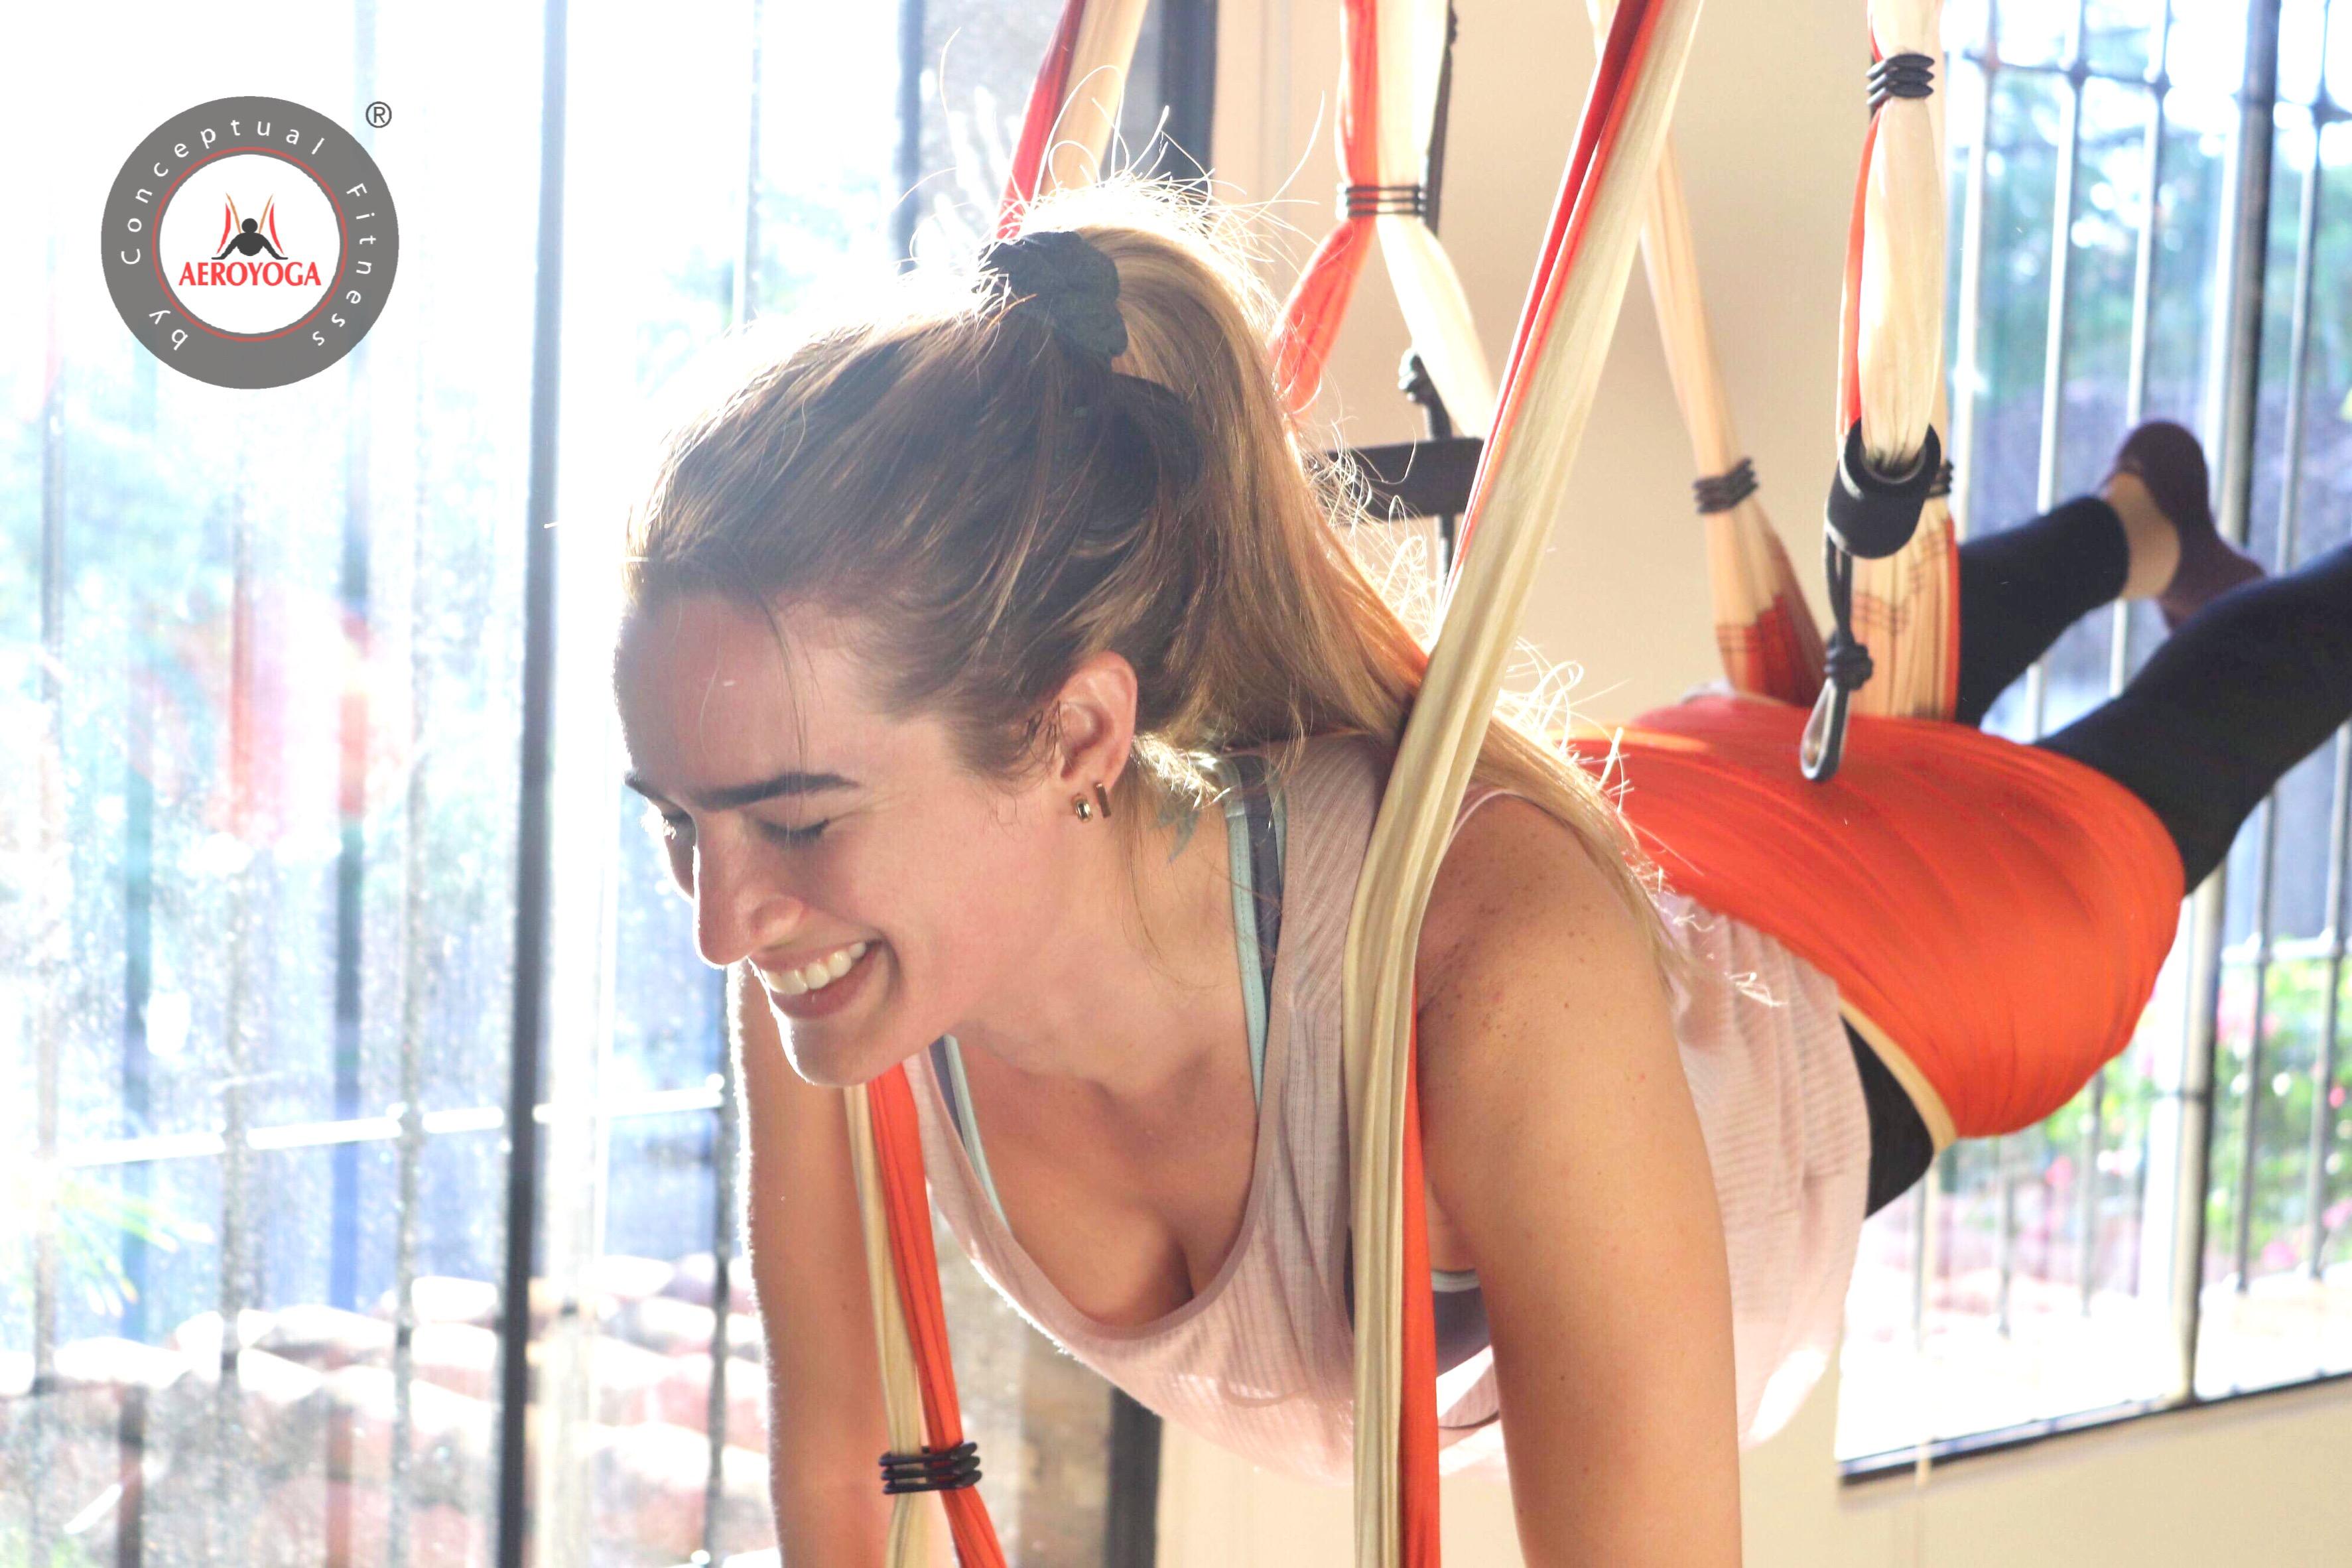 Aerial Yoga; Descubre Hoy el Album del Último Taller AeroYoga® en Paraguay